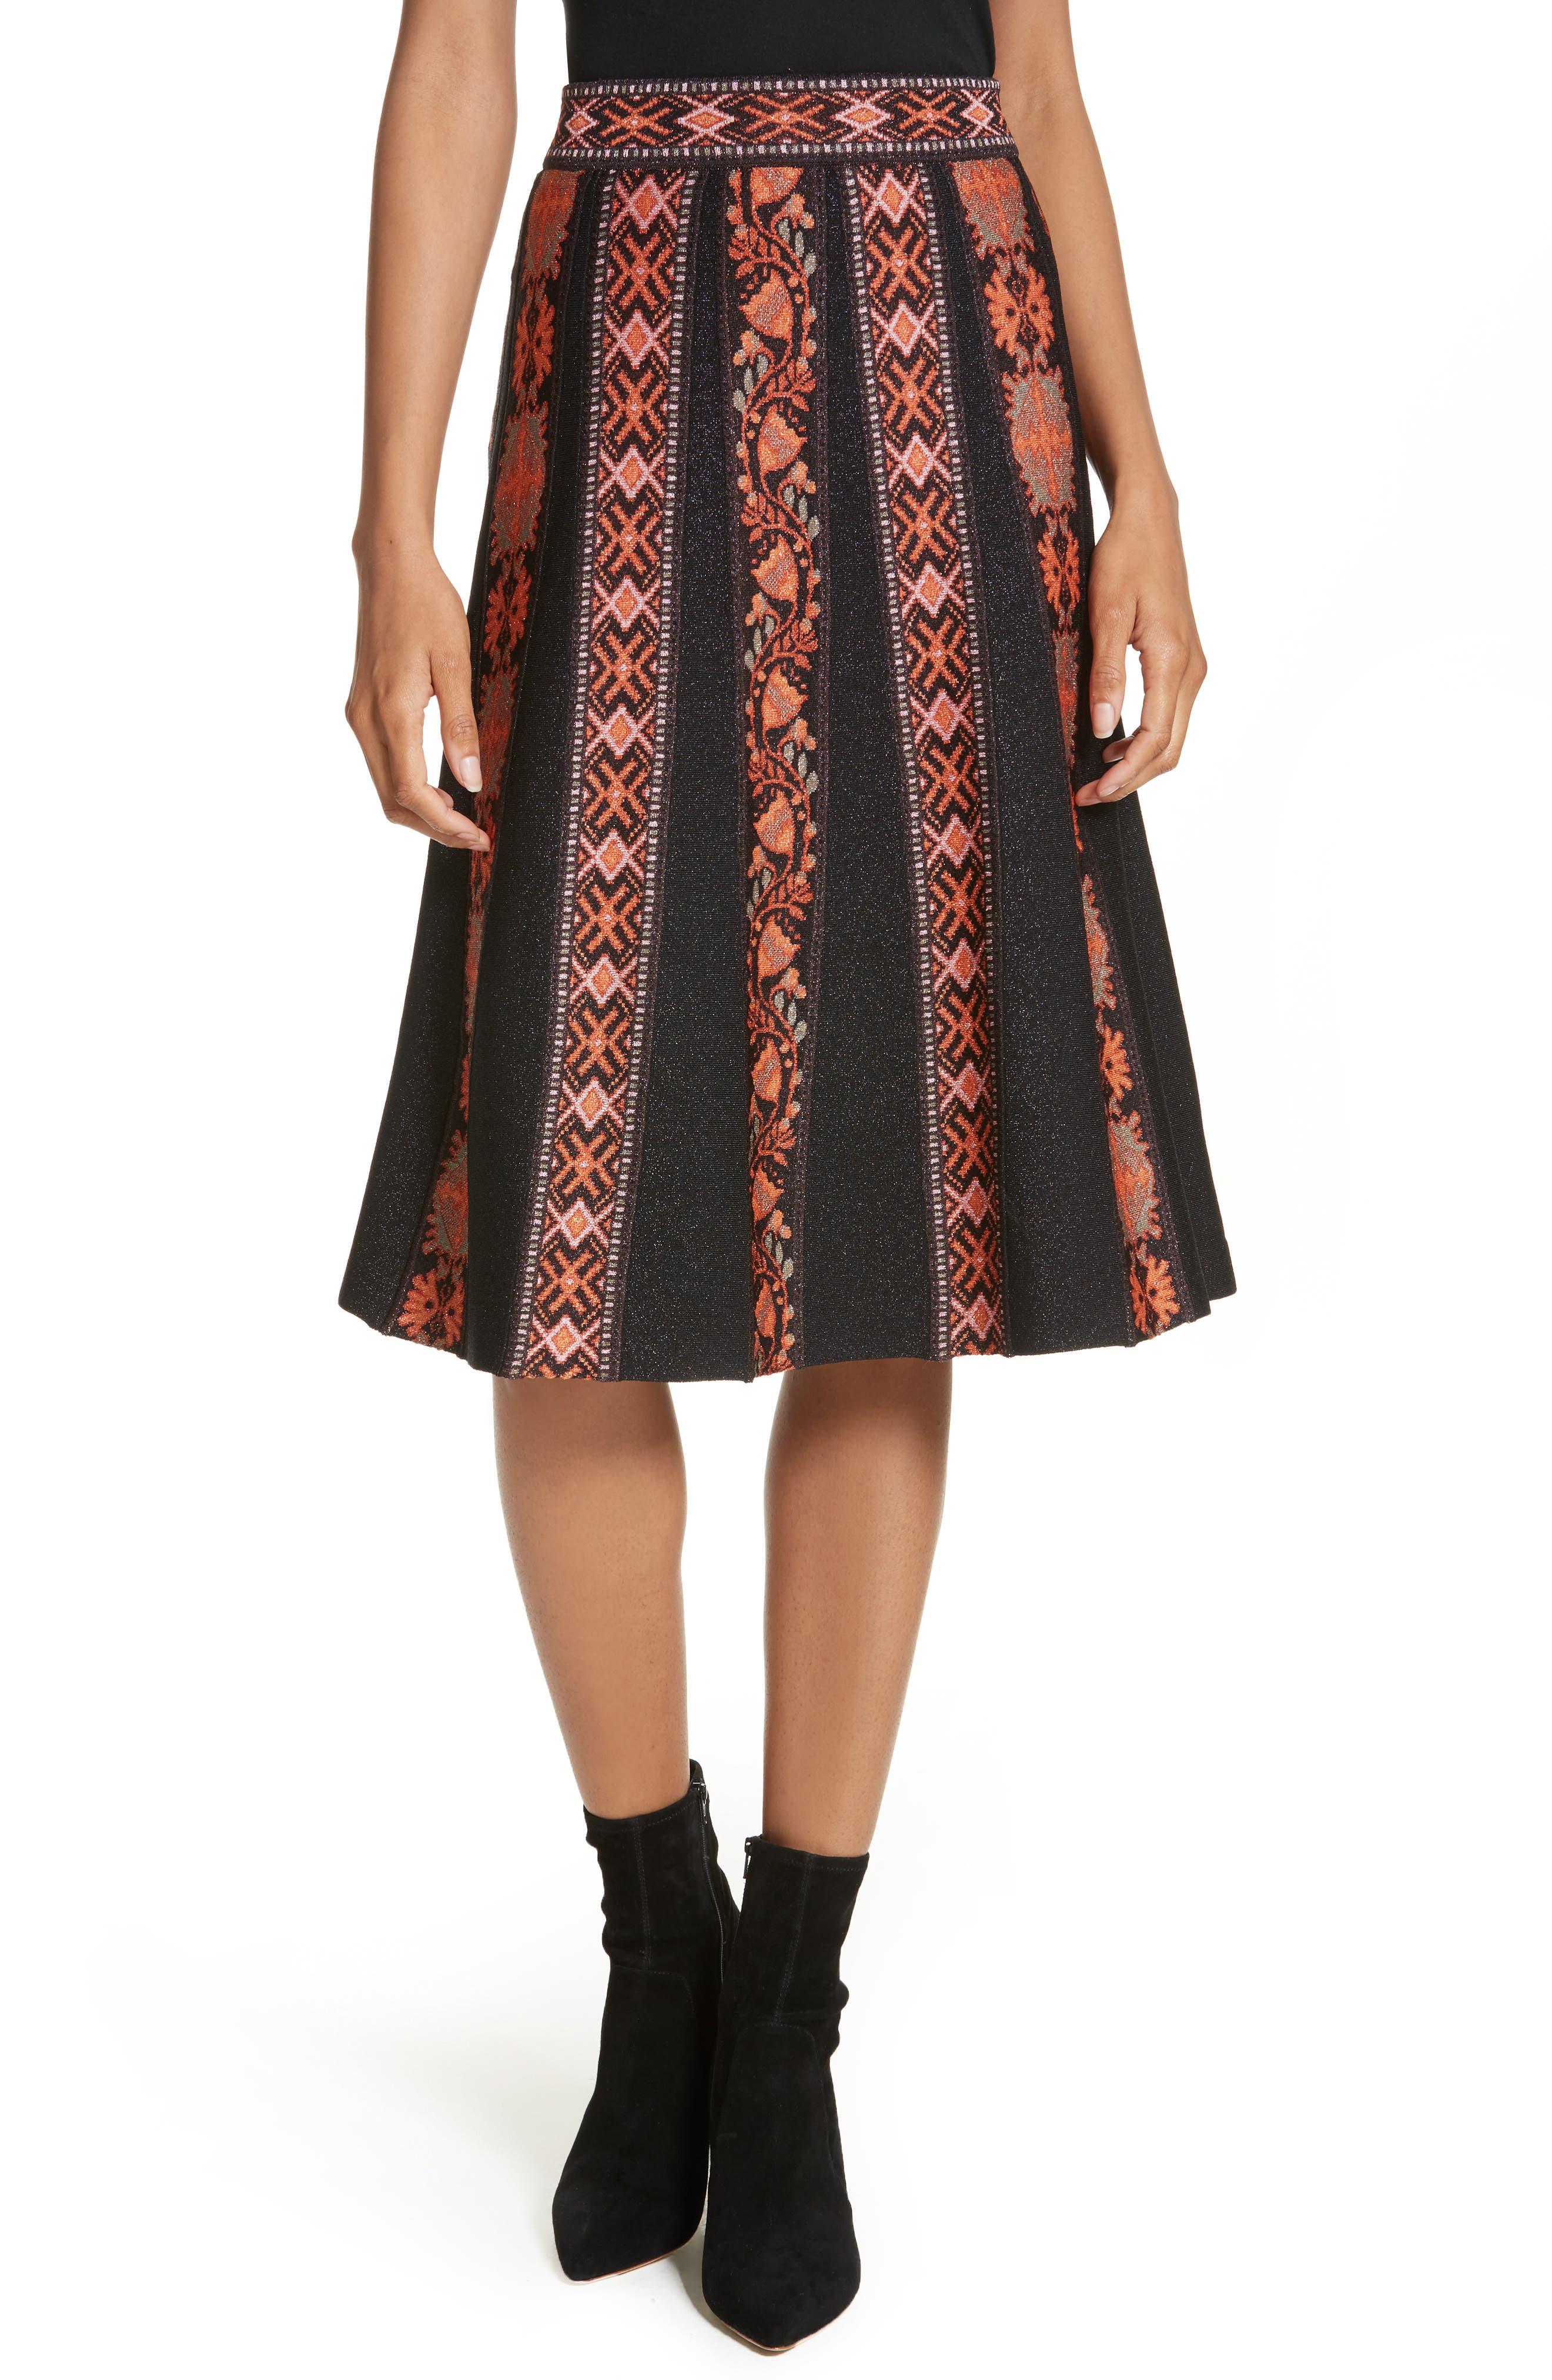 Alternate Image 1 Selected - M Missoni Ribbon Jacquard Skirt